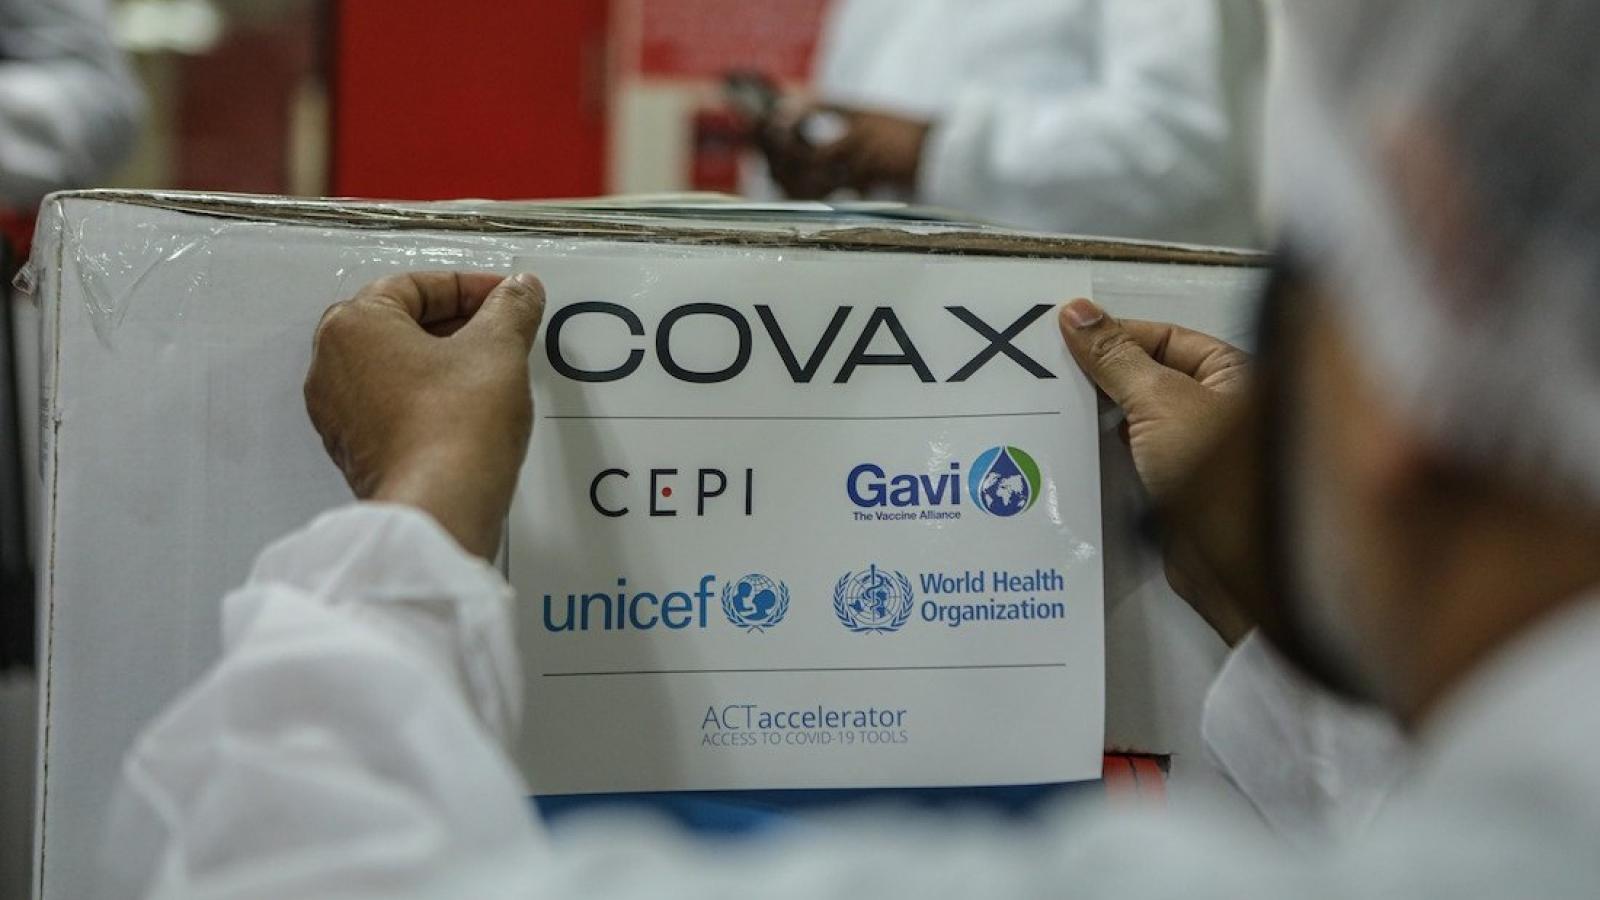 COVAX thiếu quỹ và nguồn cung, nhiều nước có nguy cơ chậm nhận vaccine